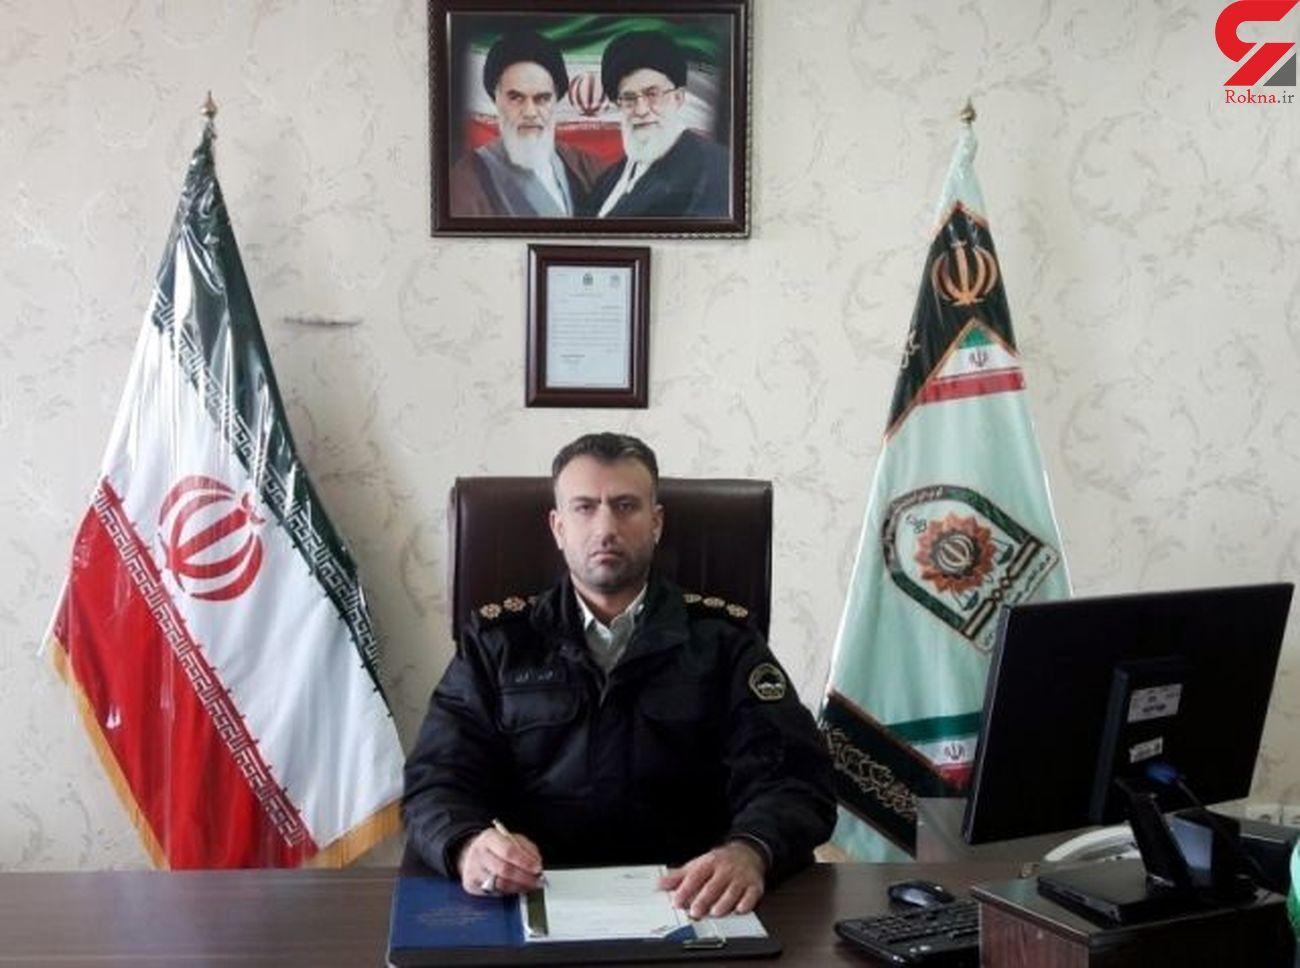 کشف سلاح غیرمجاز و اشیاء تاریخی در کرمانشاه